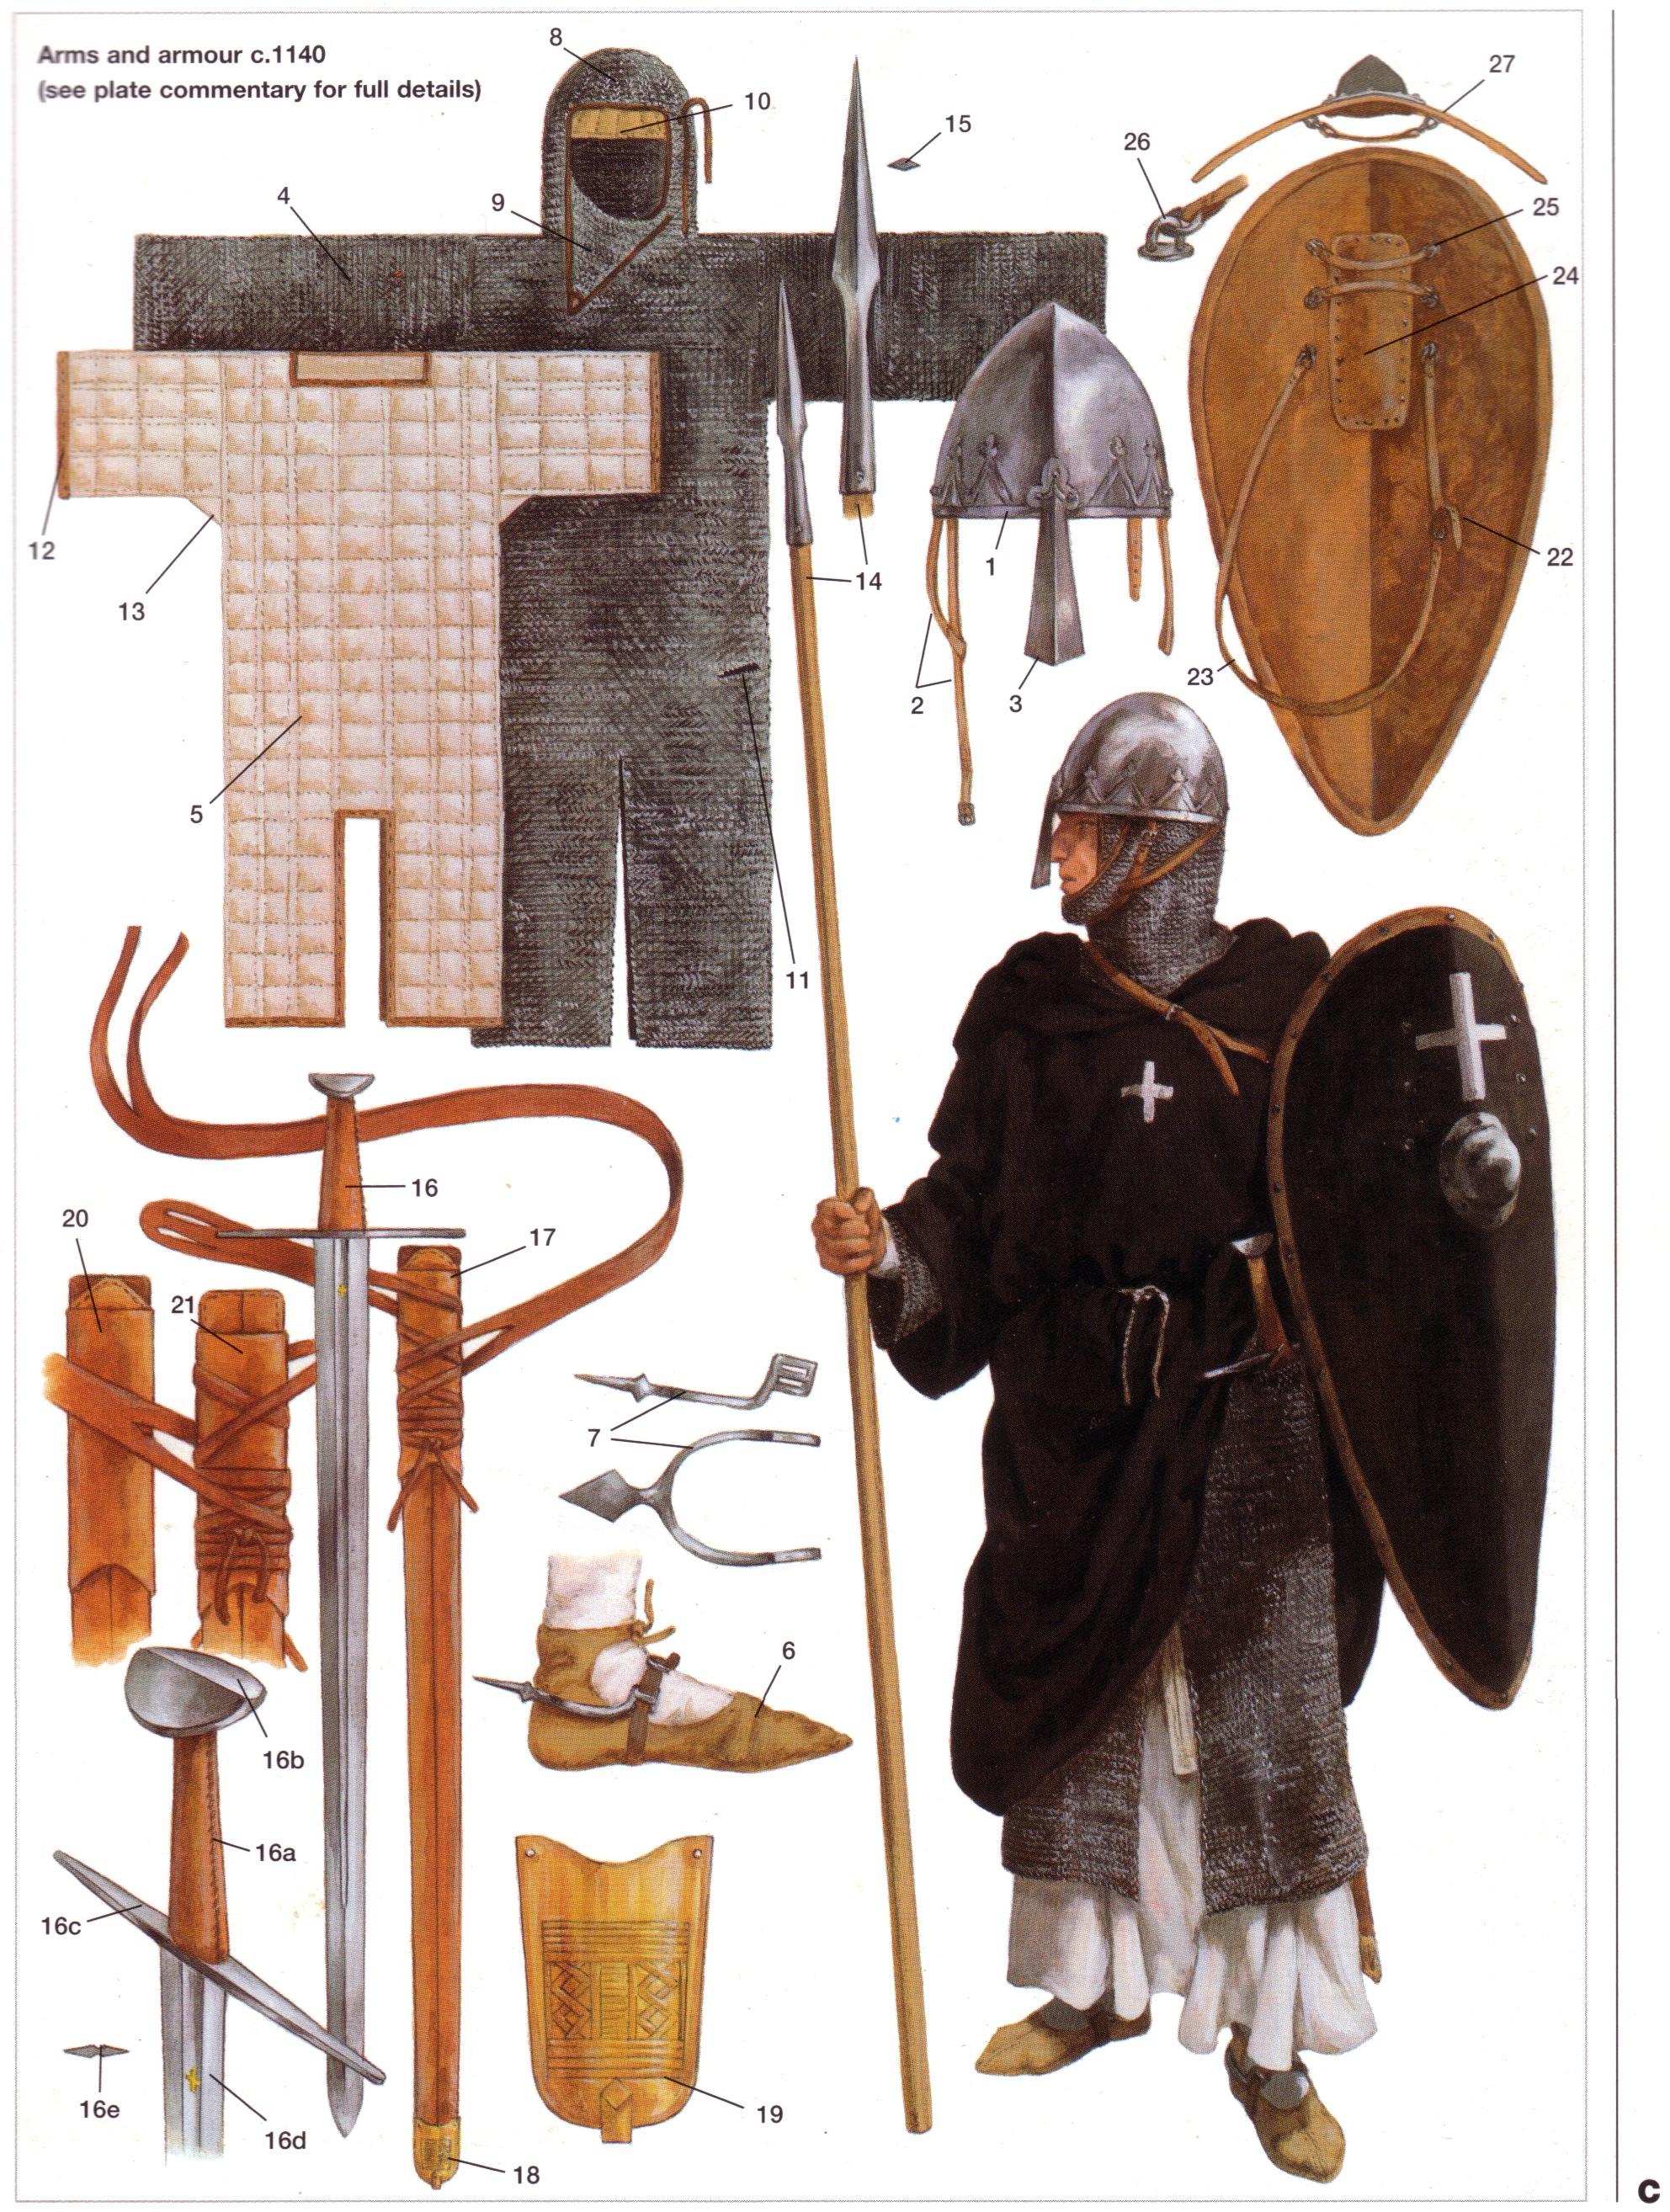 knights-hospitaller-knight-1140.jpg